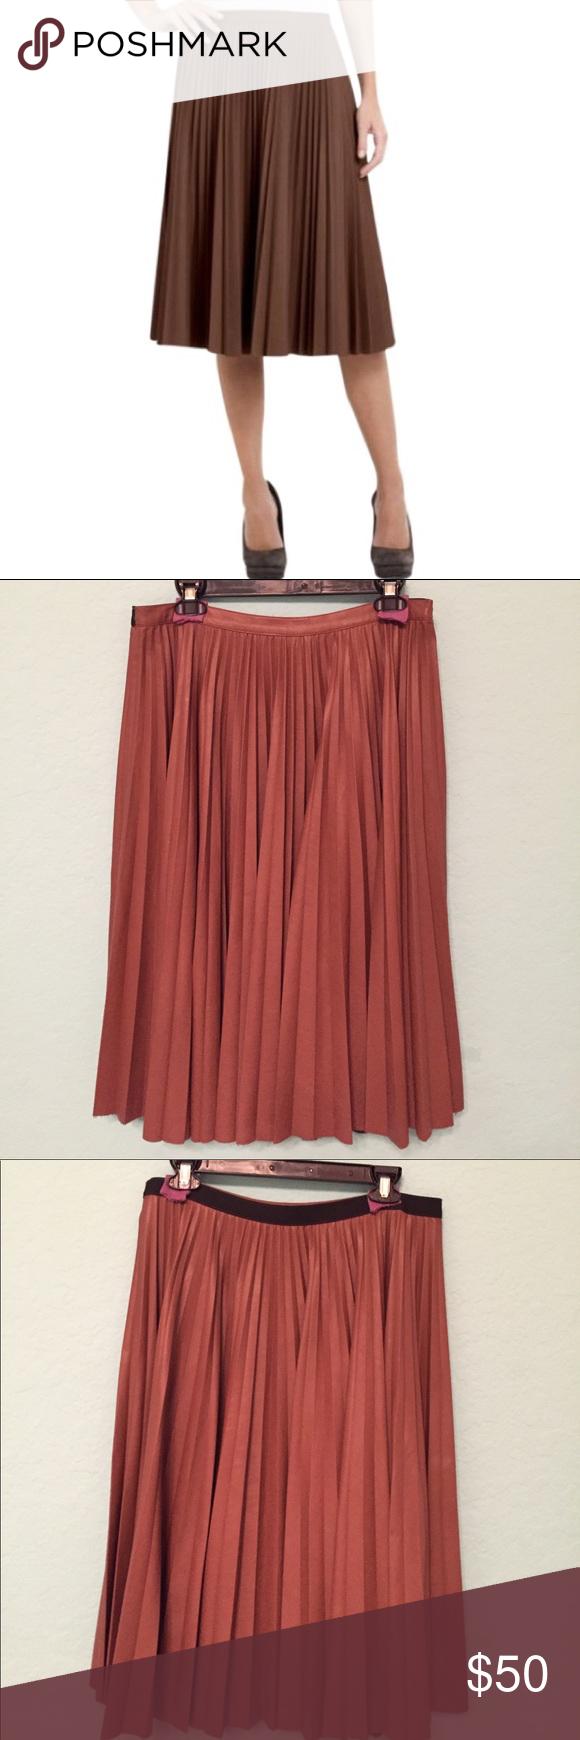 fdae4aad79 BCBG MAX AZRIA Elsa pleated vegan leather skirt Toffee color vegan ...